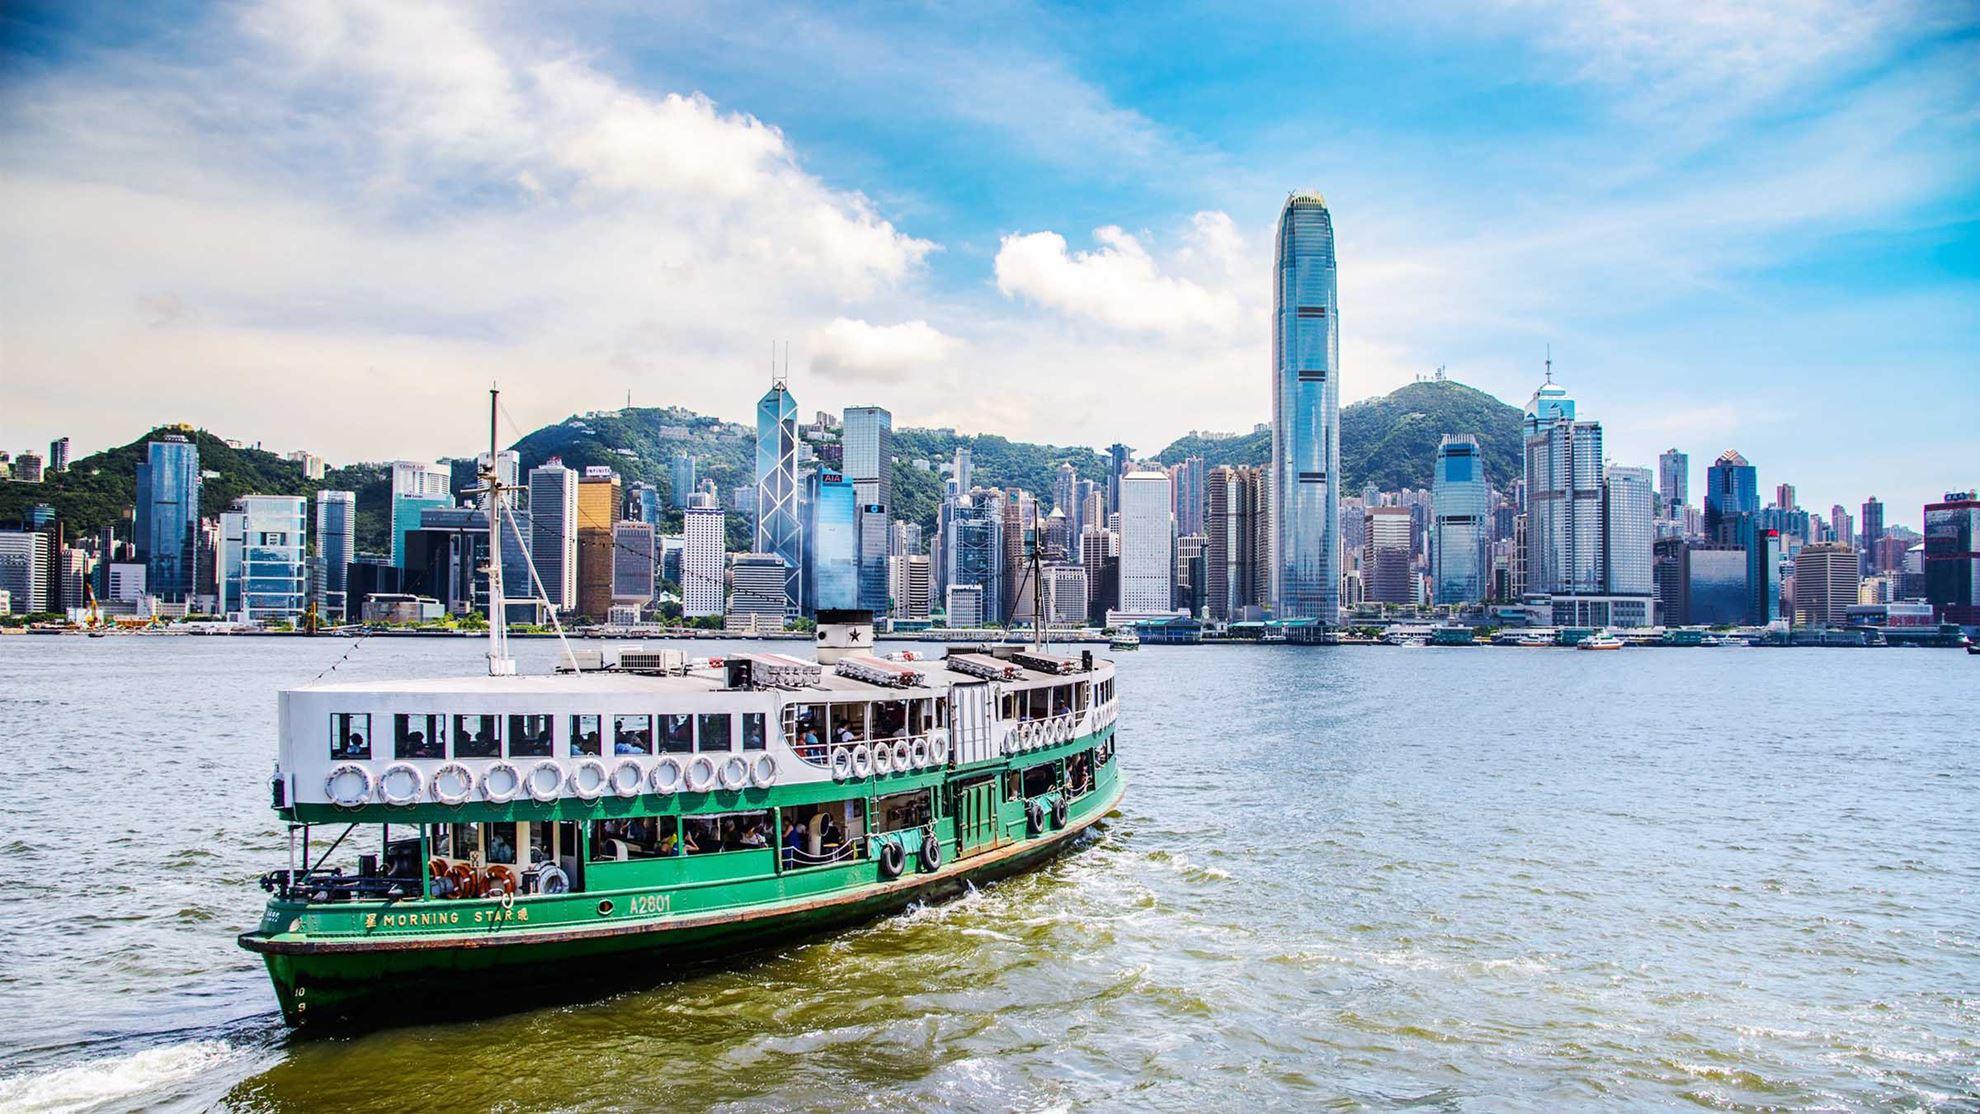 Hình đại điện của danh mục Hong Kong